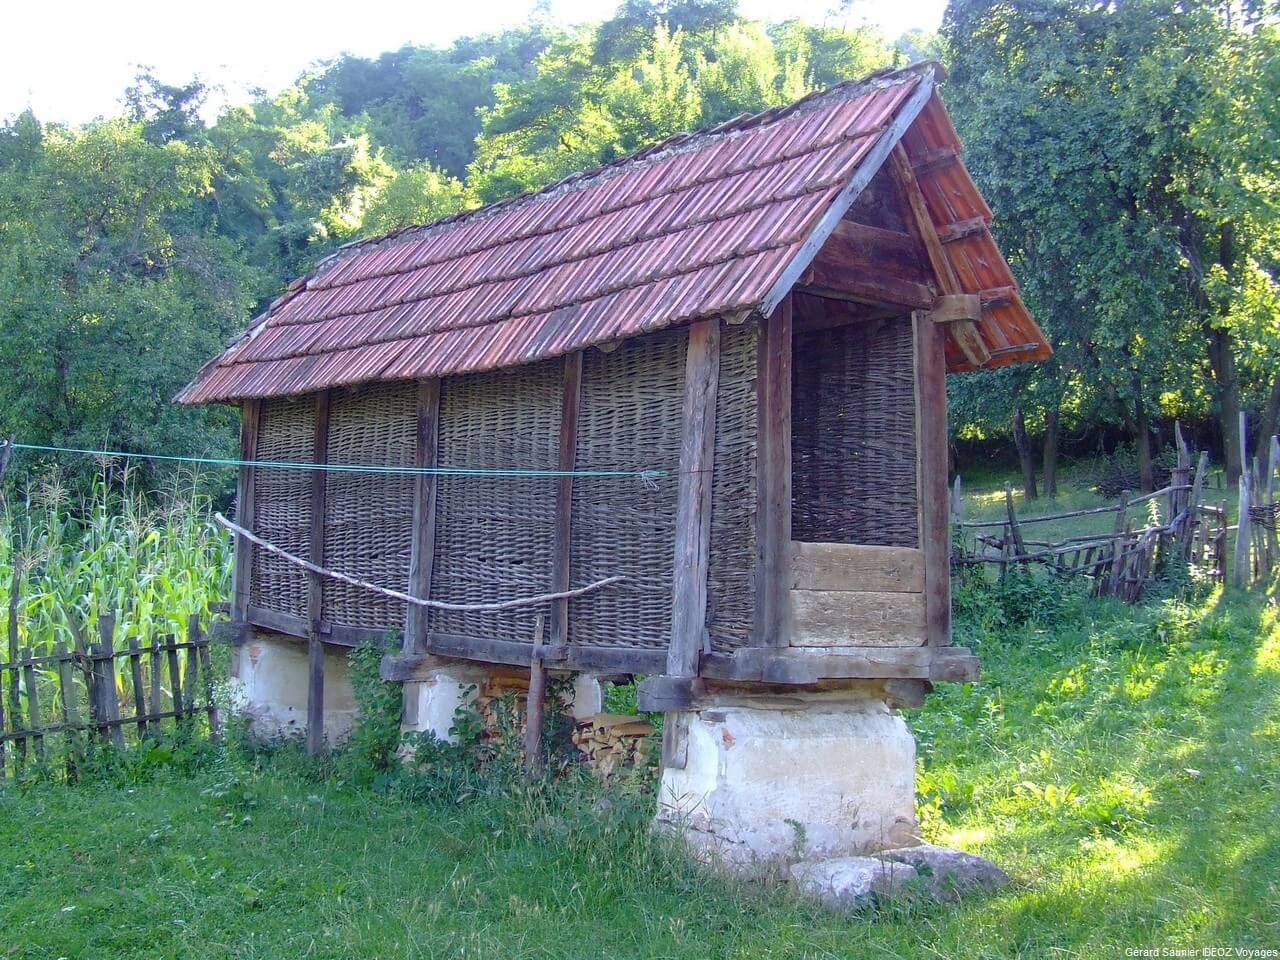 Rencontre inoubliable à Arilje en Serbie centrale : merveilleux souvenir 23